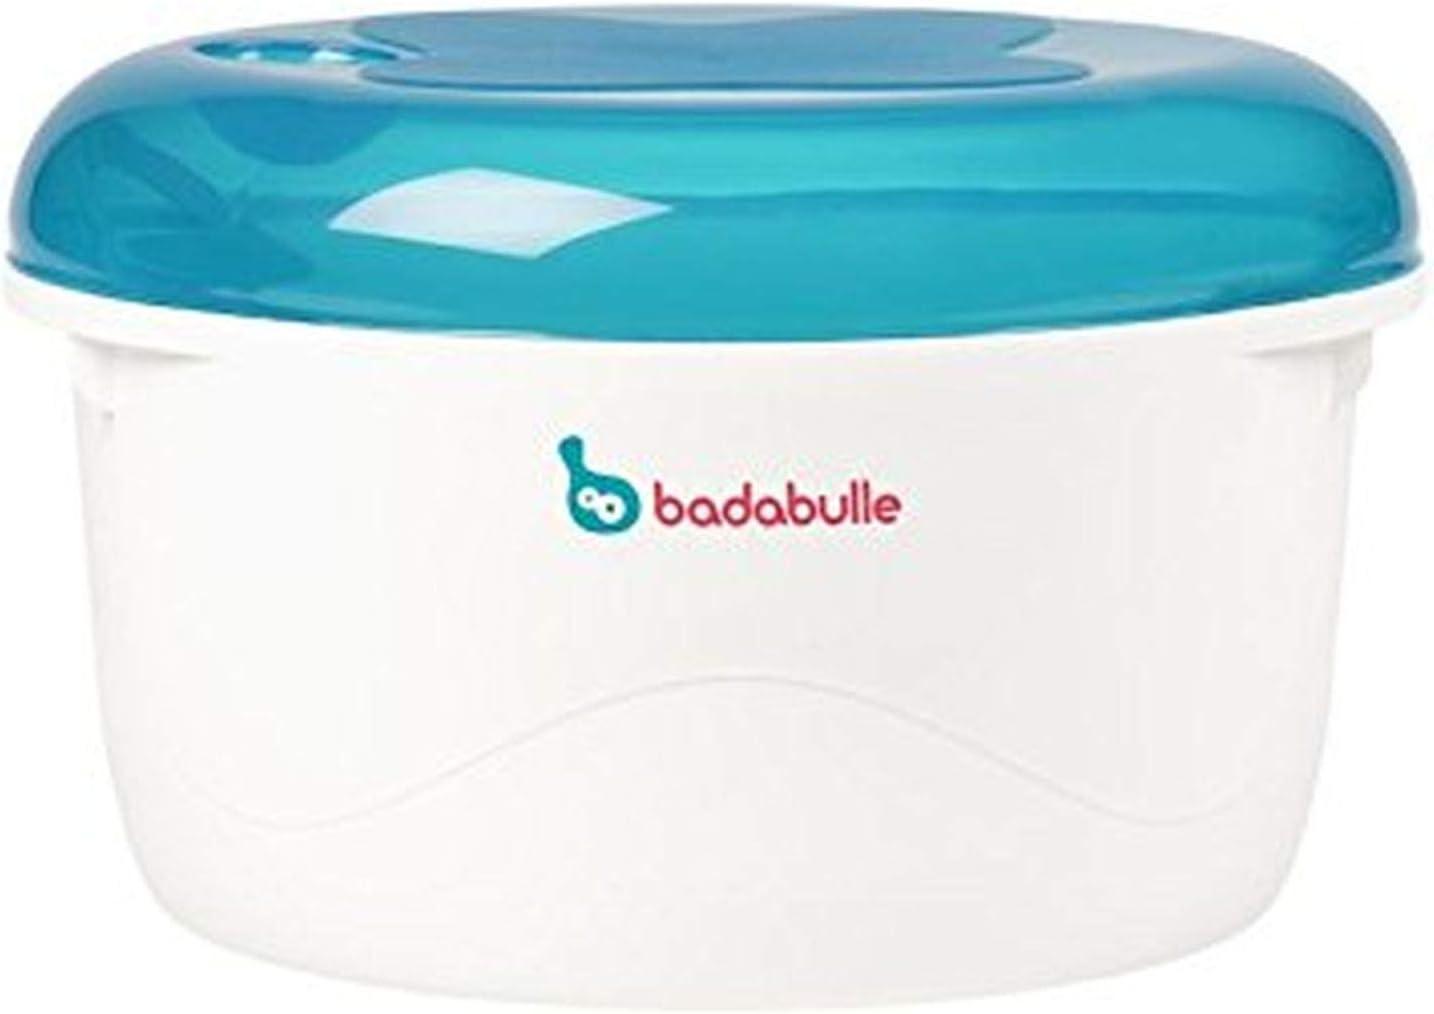 Badabulle B003204 - Esterilizador micro-ondas, color azul y gris ...